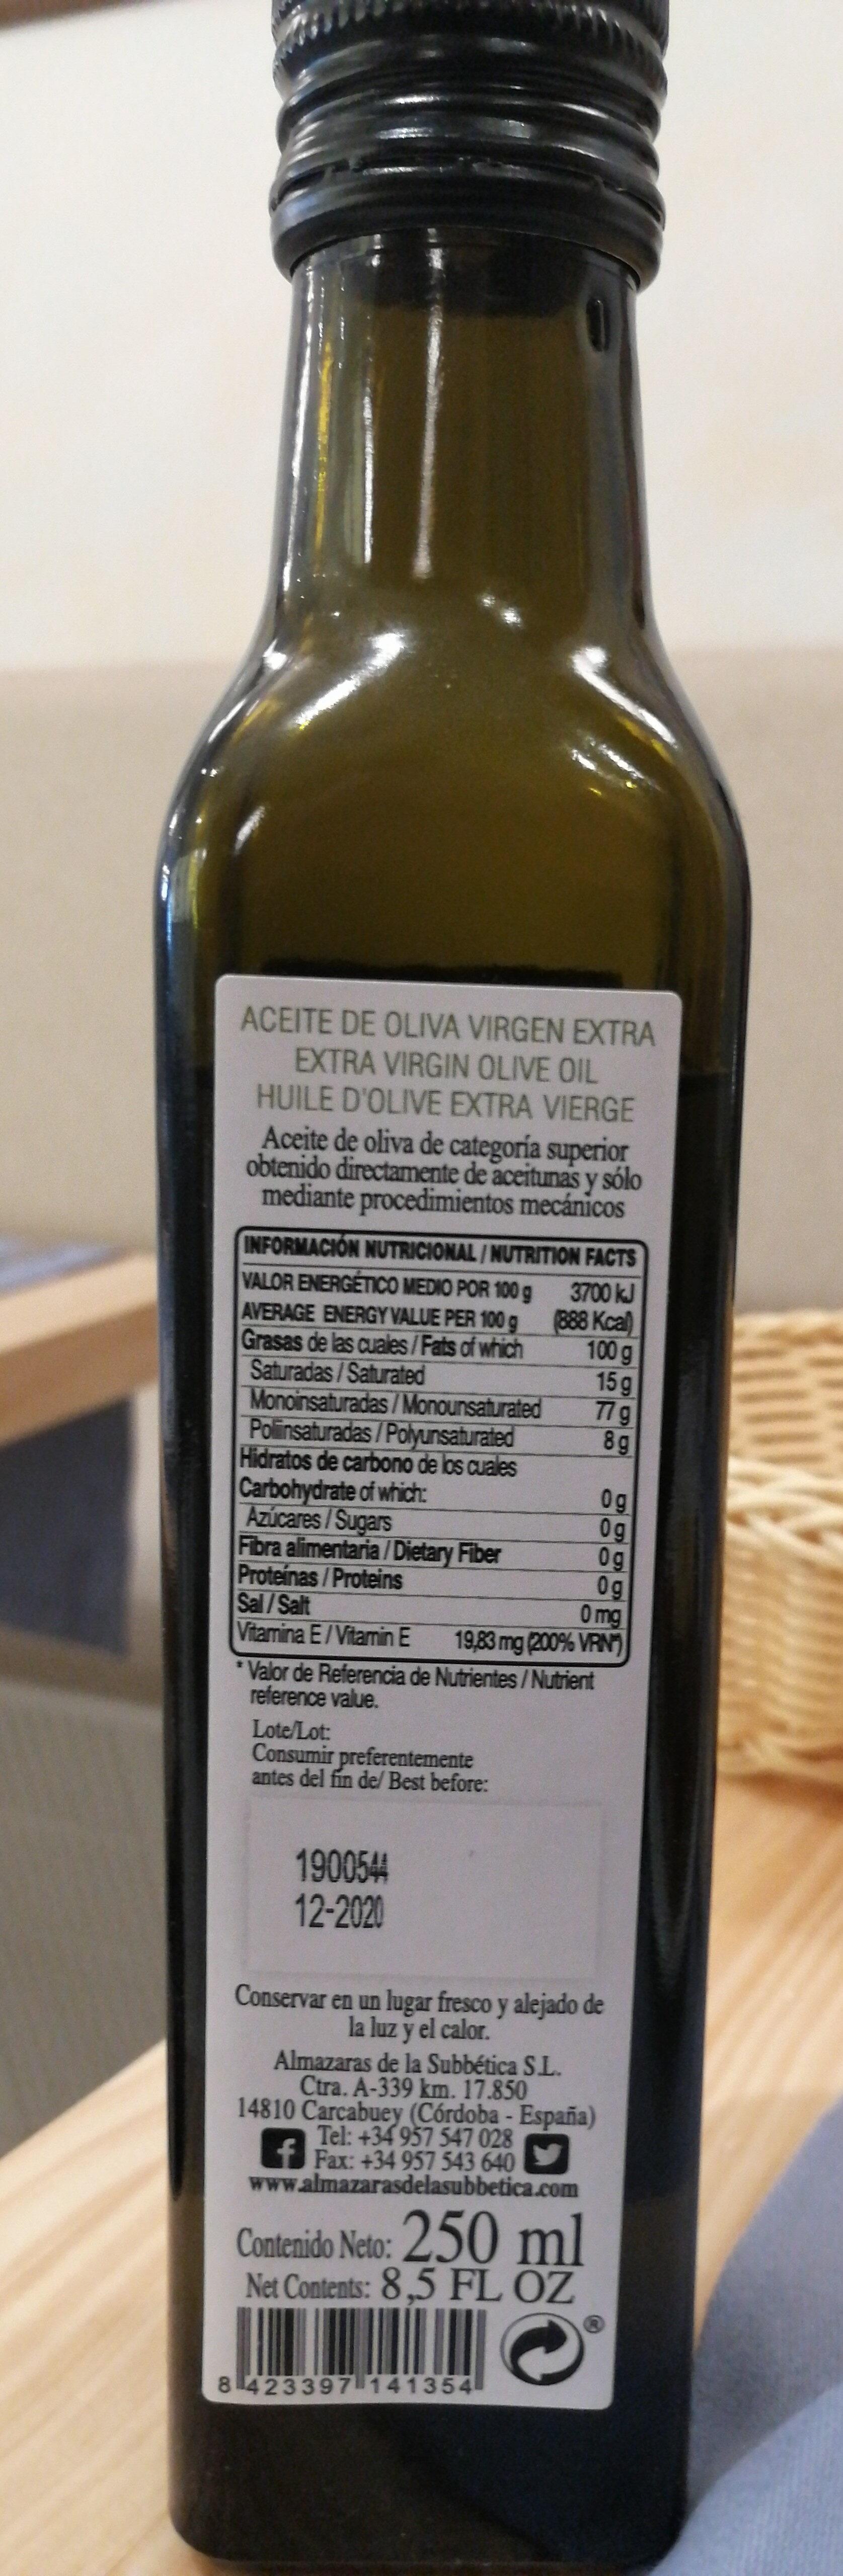 aceite de oliva virgen extra - Ingredients - es